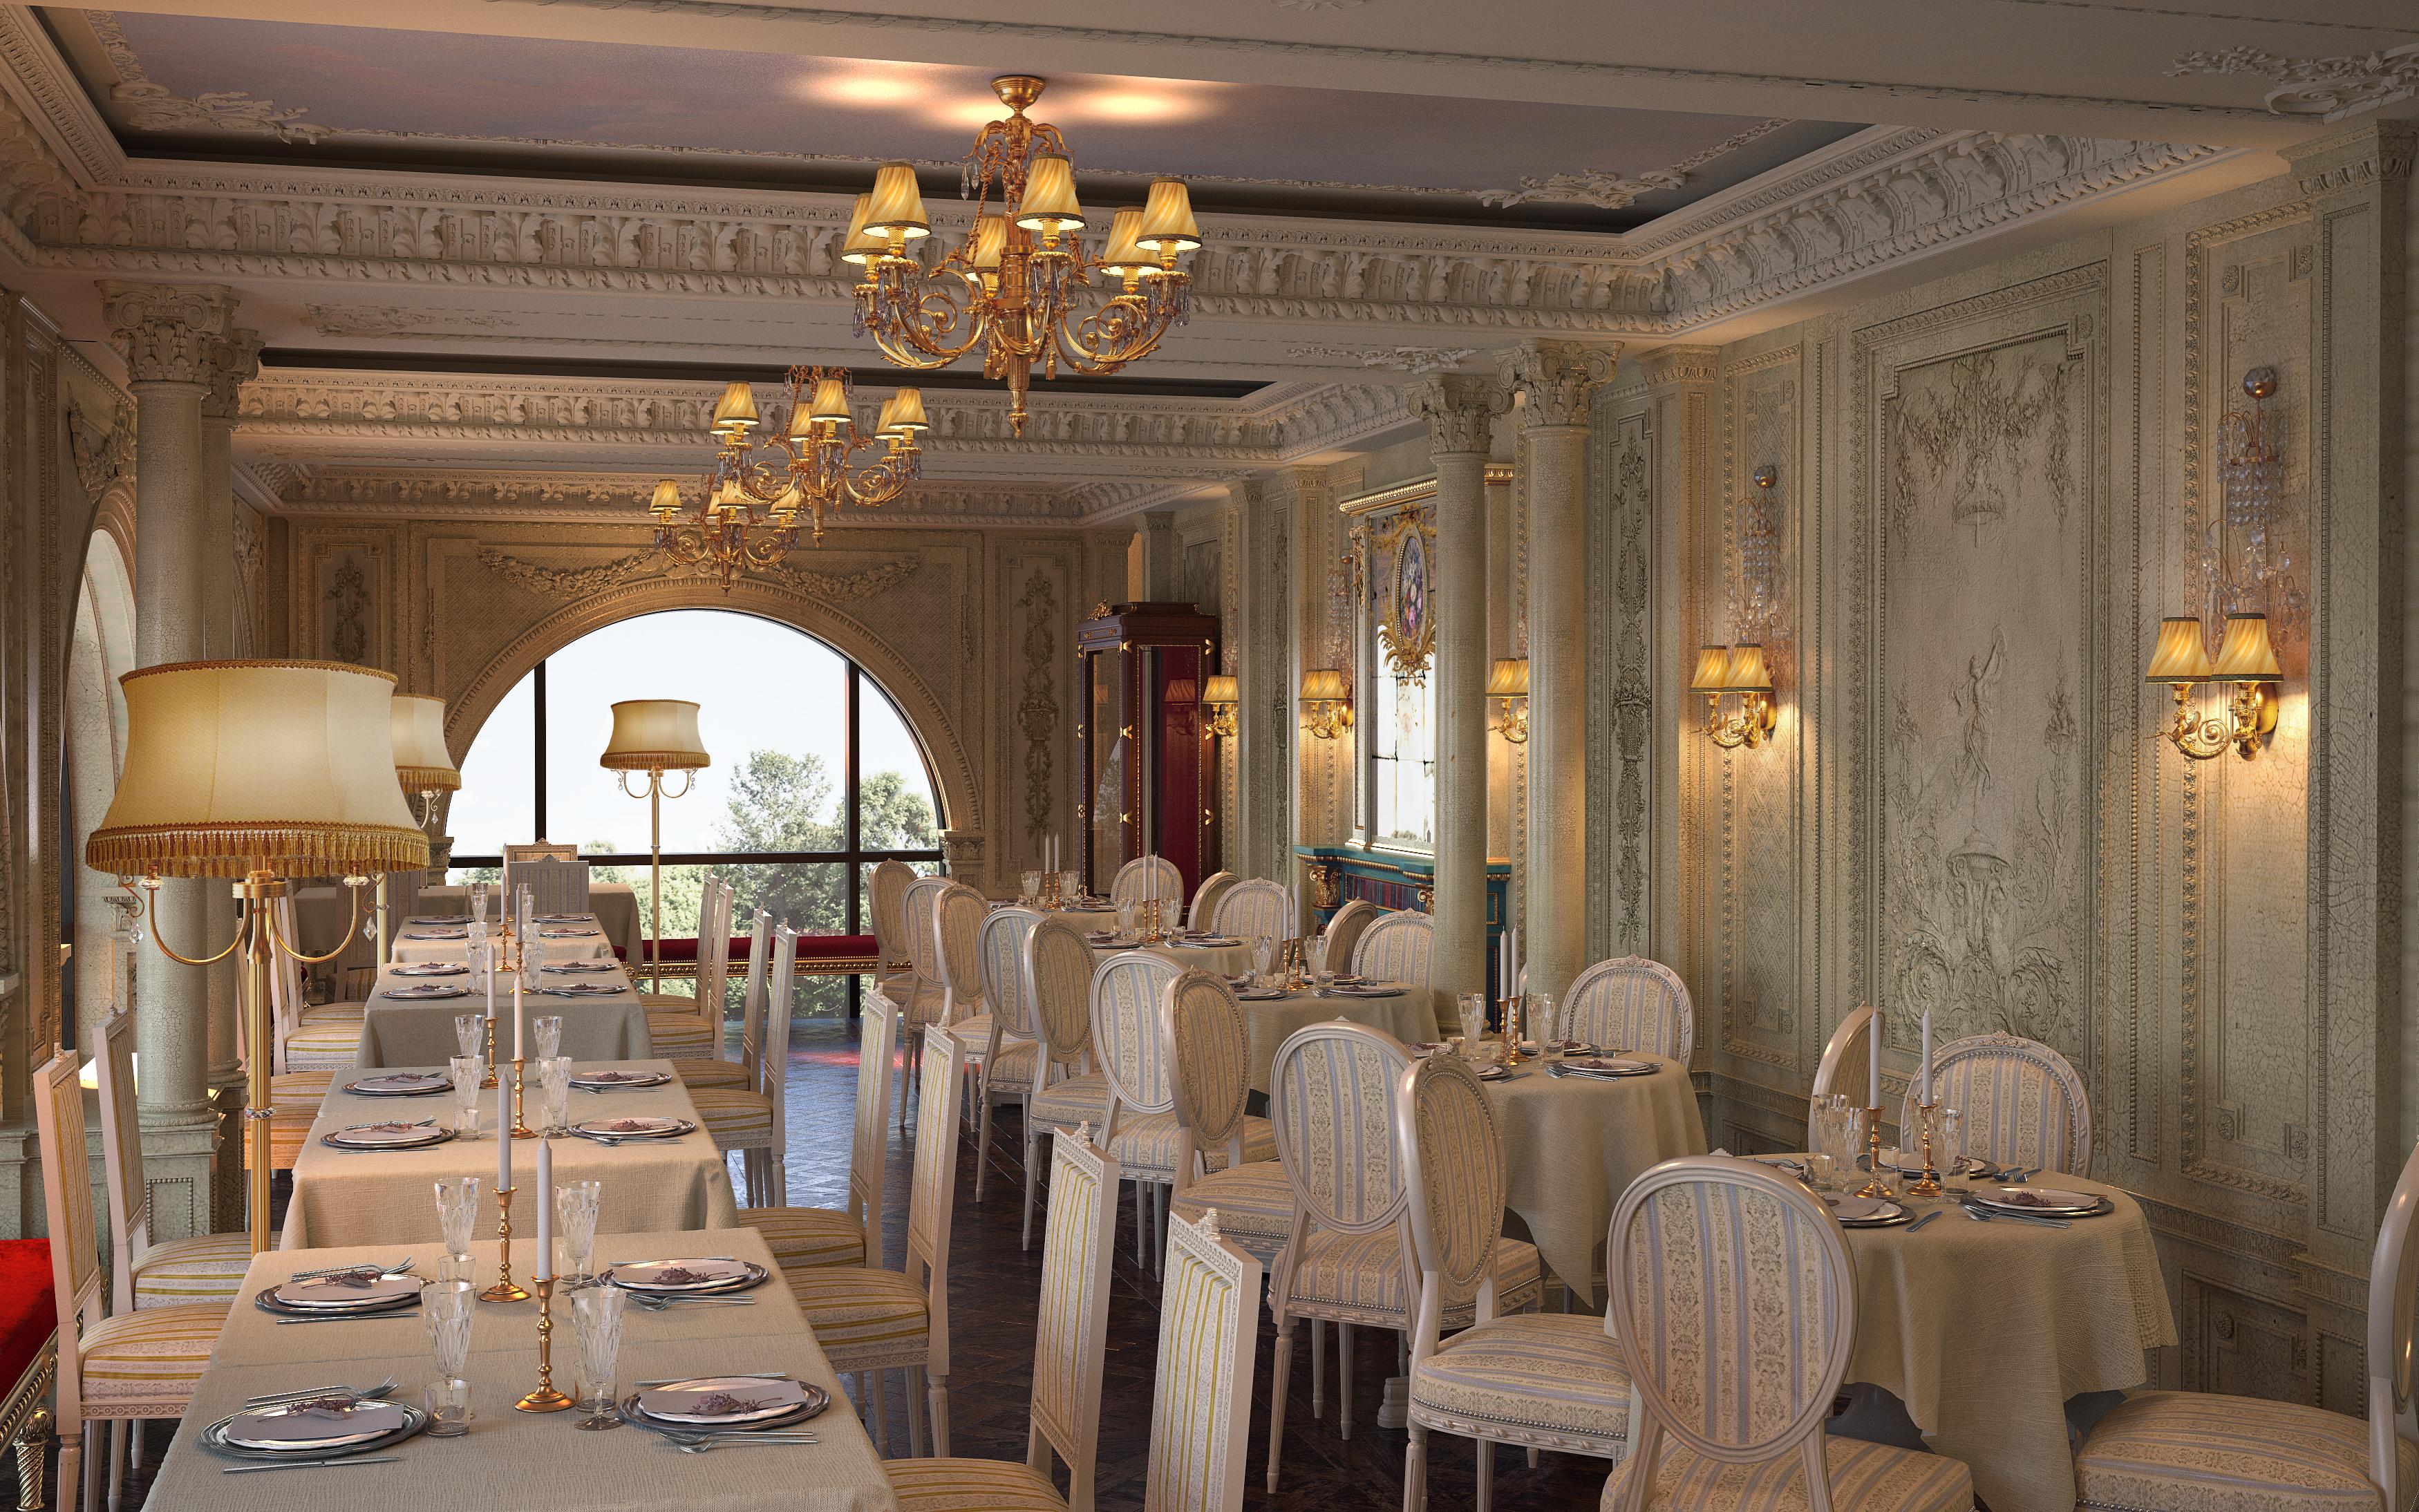 caf pouchkine salon de th et restaurant russe place de la madeleine paris frivole. Black Bedroom Furniture Sets. Home Design Ideas